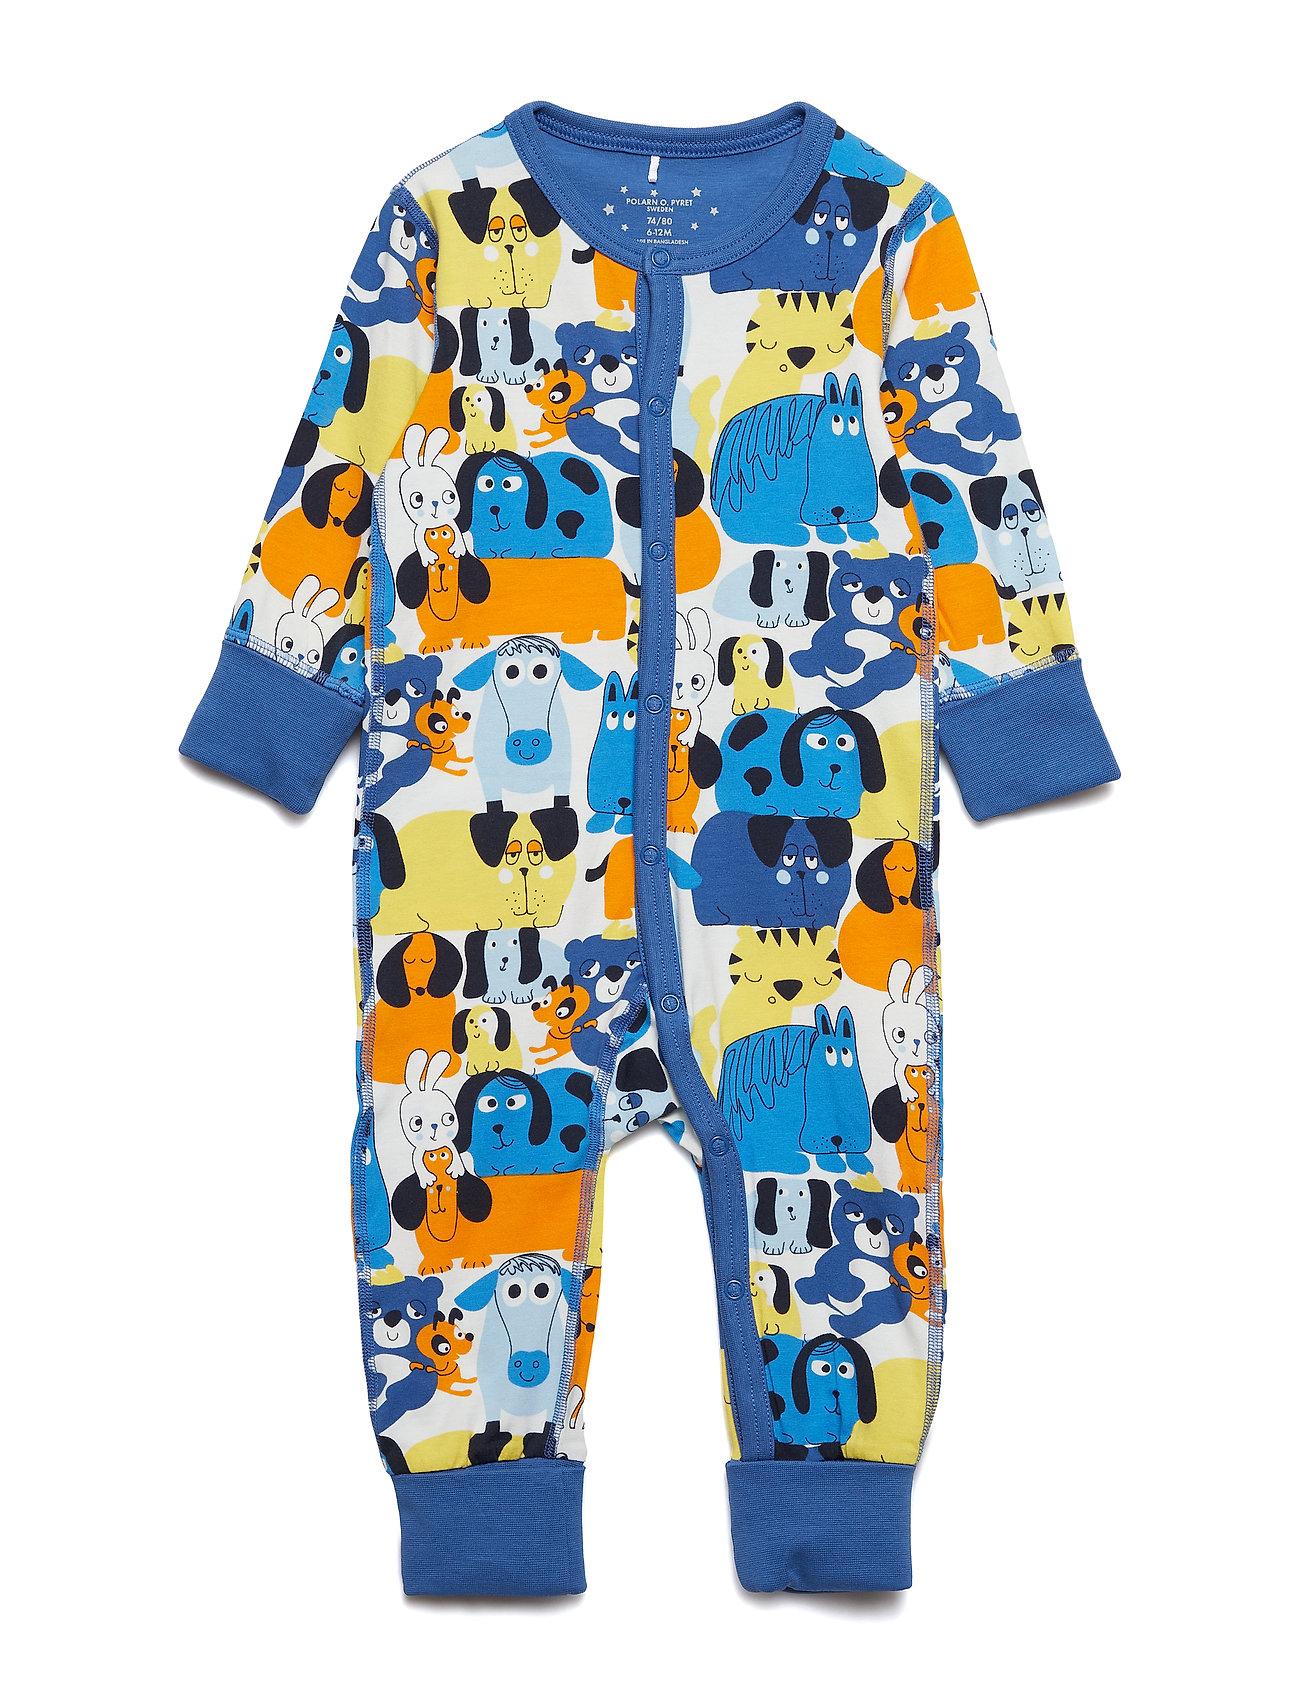 Polarn O. Pyret Pyjamas Overall with print Baby